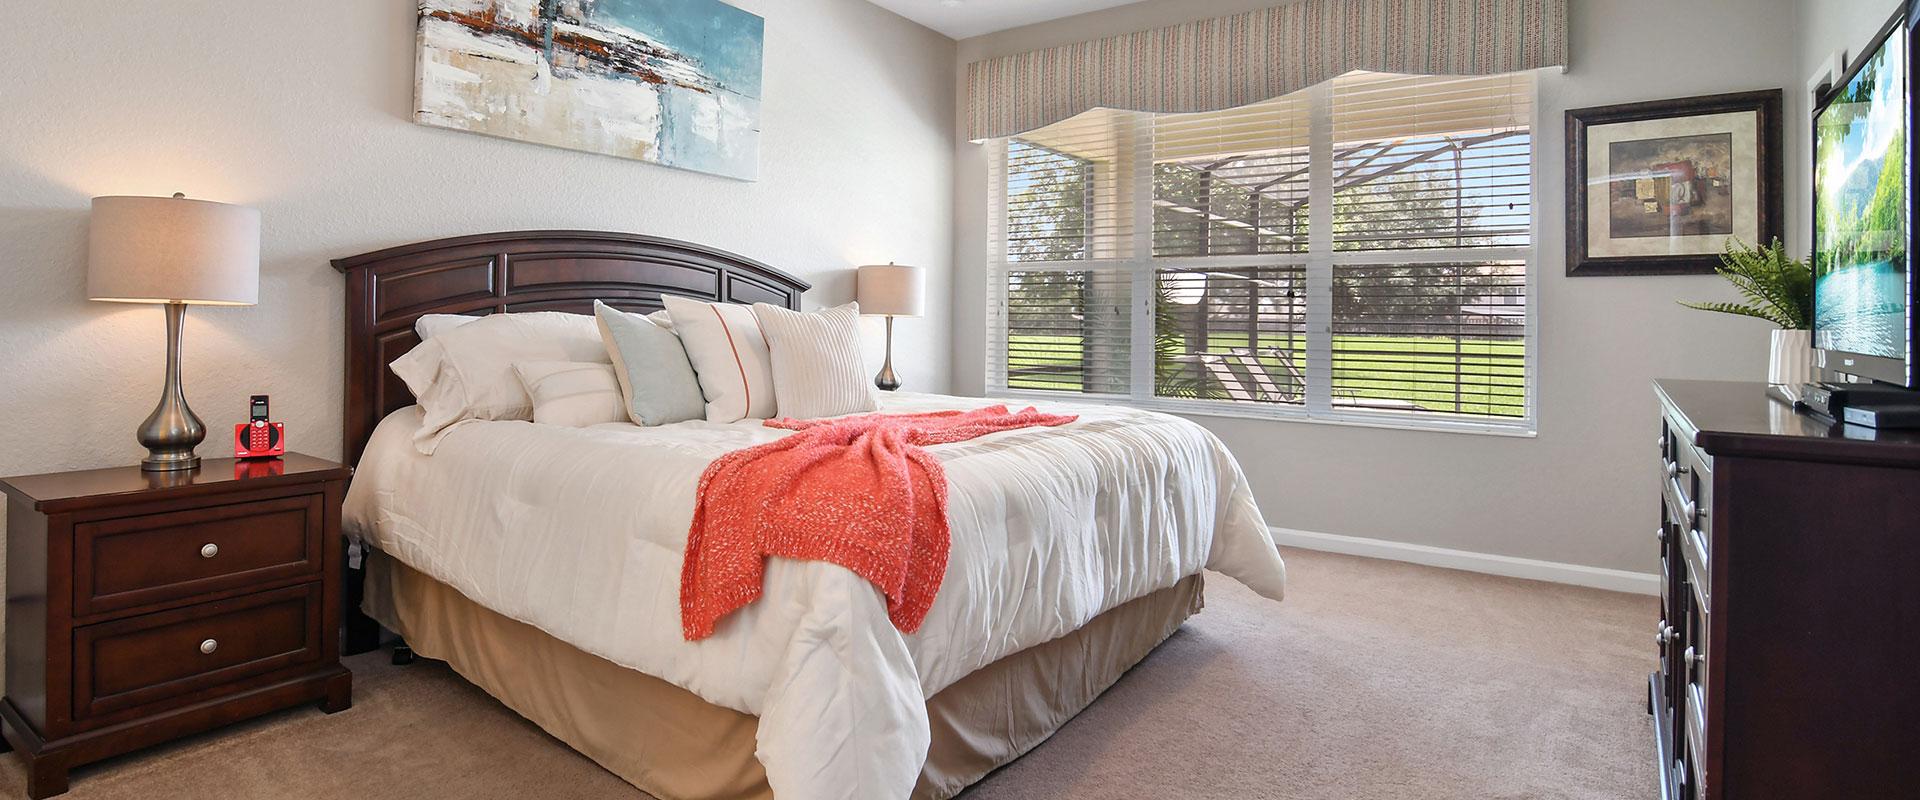 5 Separate Bedrooms